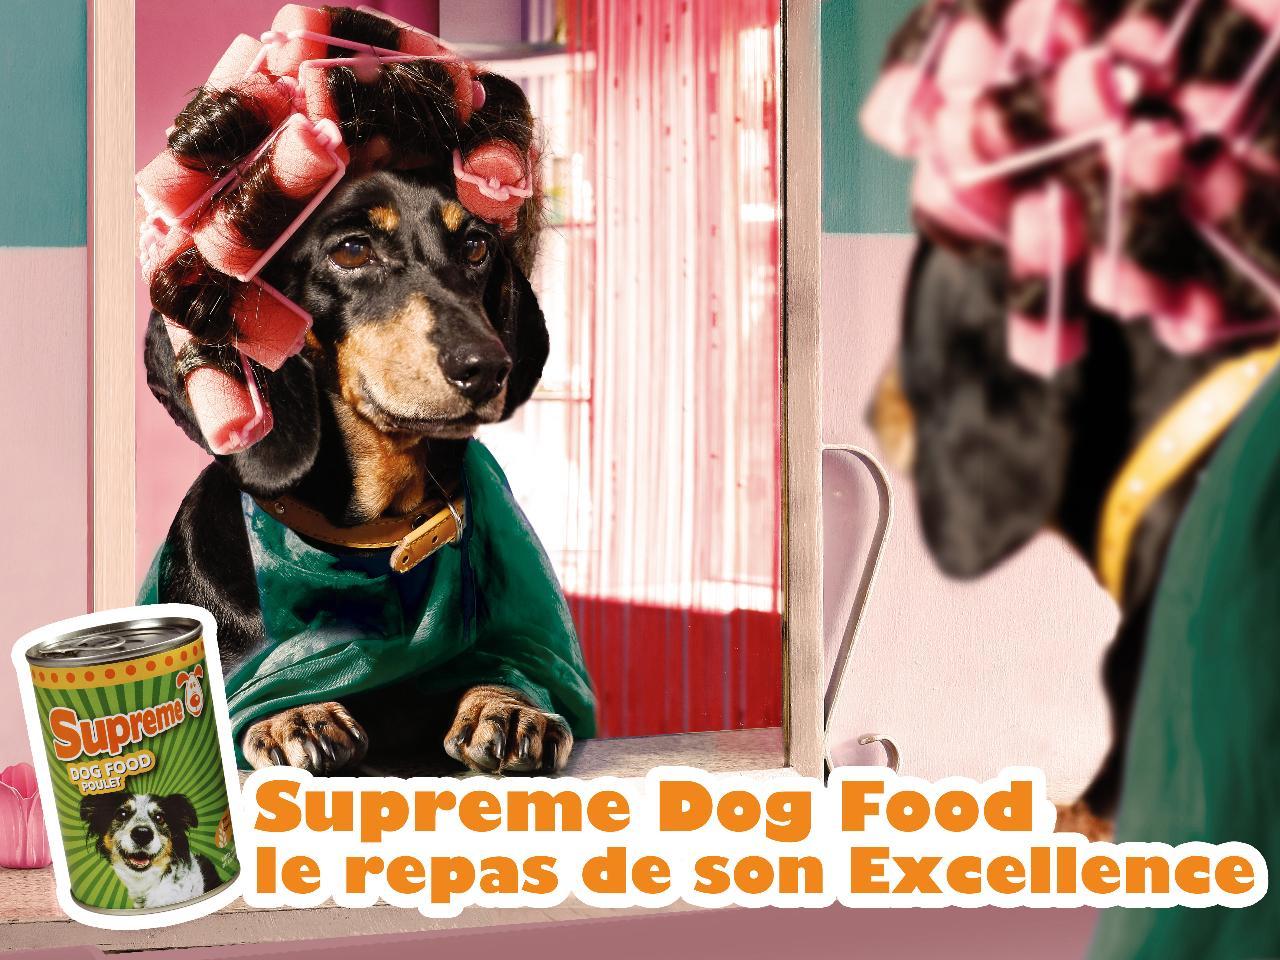 Supreme Dog Food Print Ad -  Bigoudis